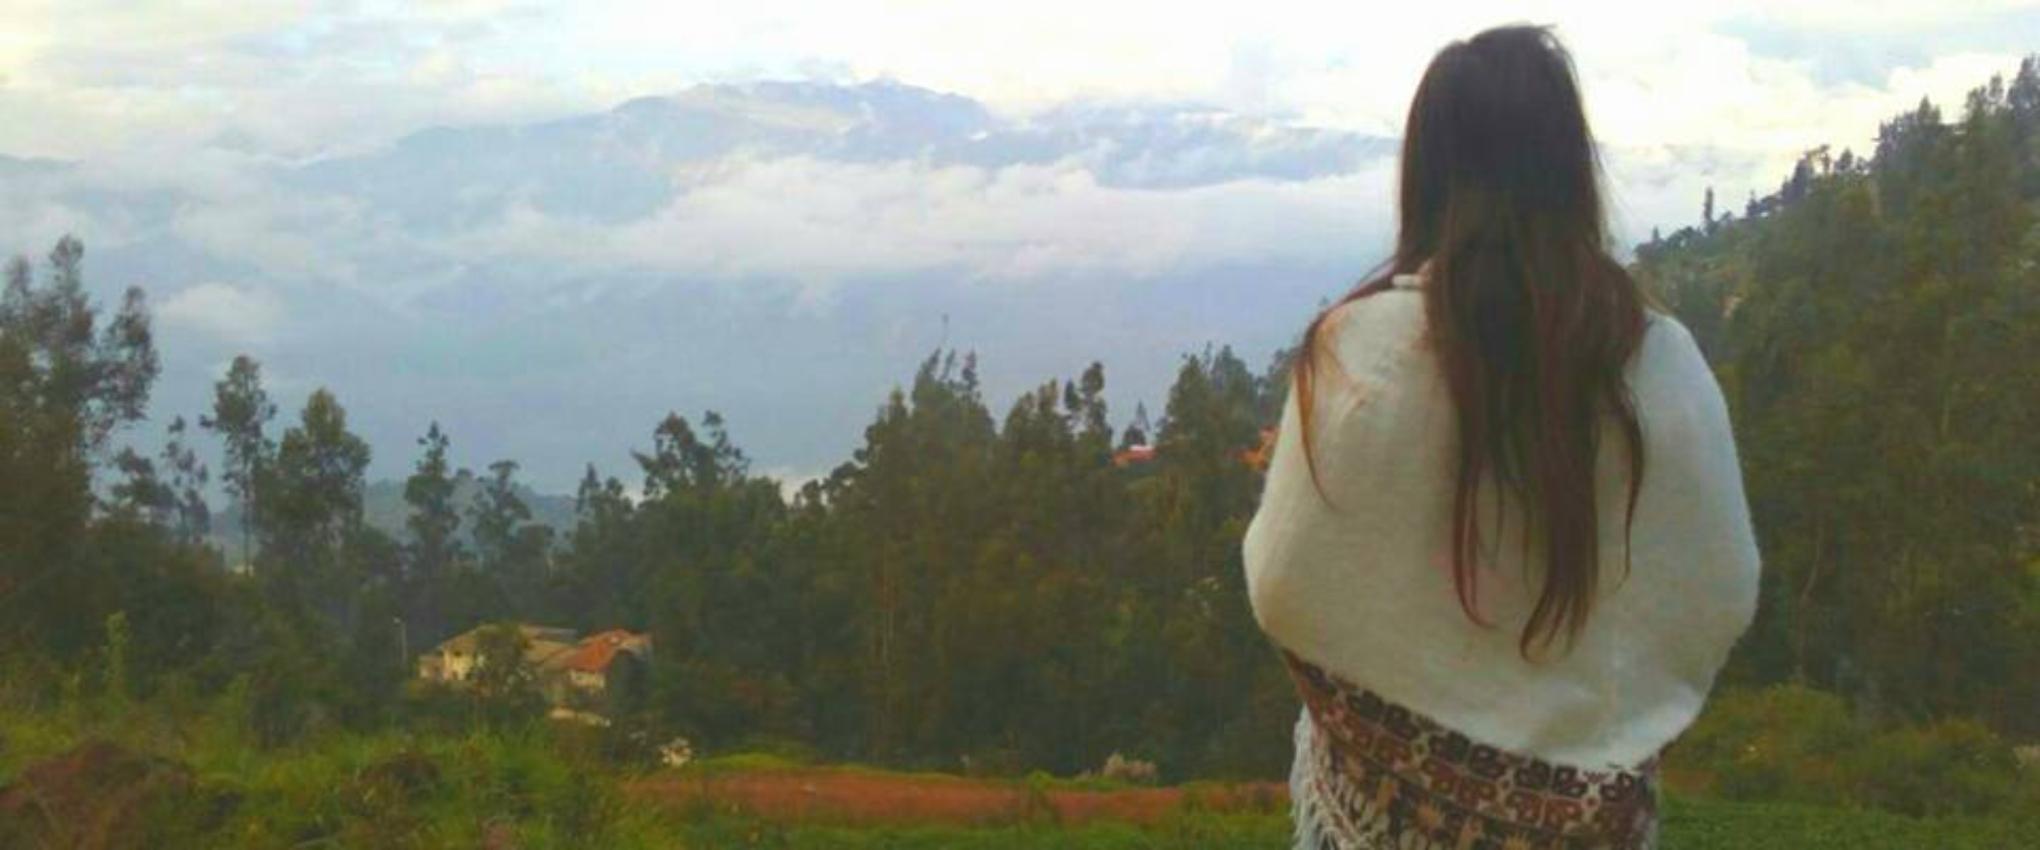 viajar a Huaraz, Perú